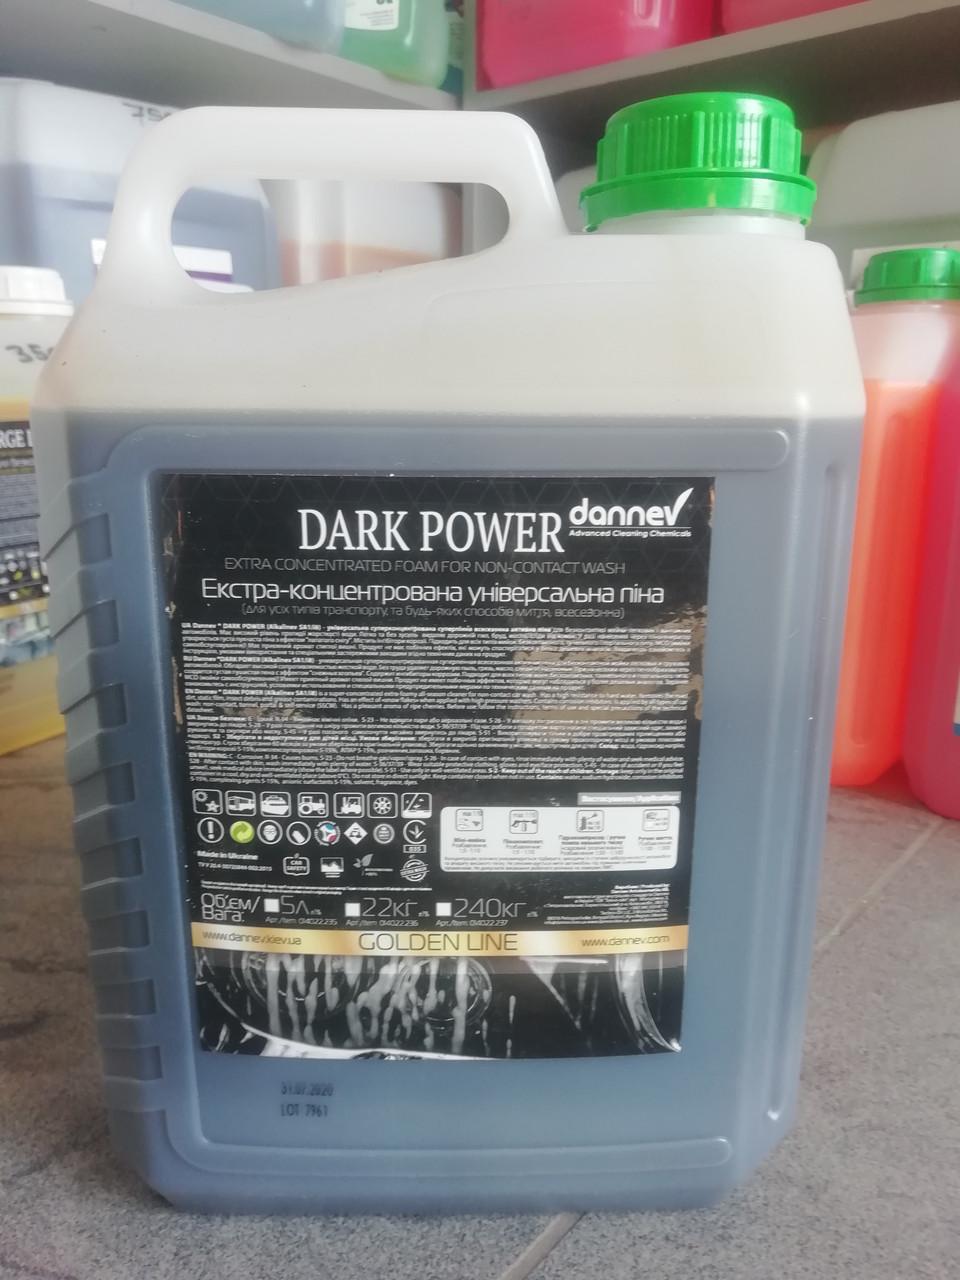 Экстра-концентрированная универсальная пена DARK POWER 5 л